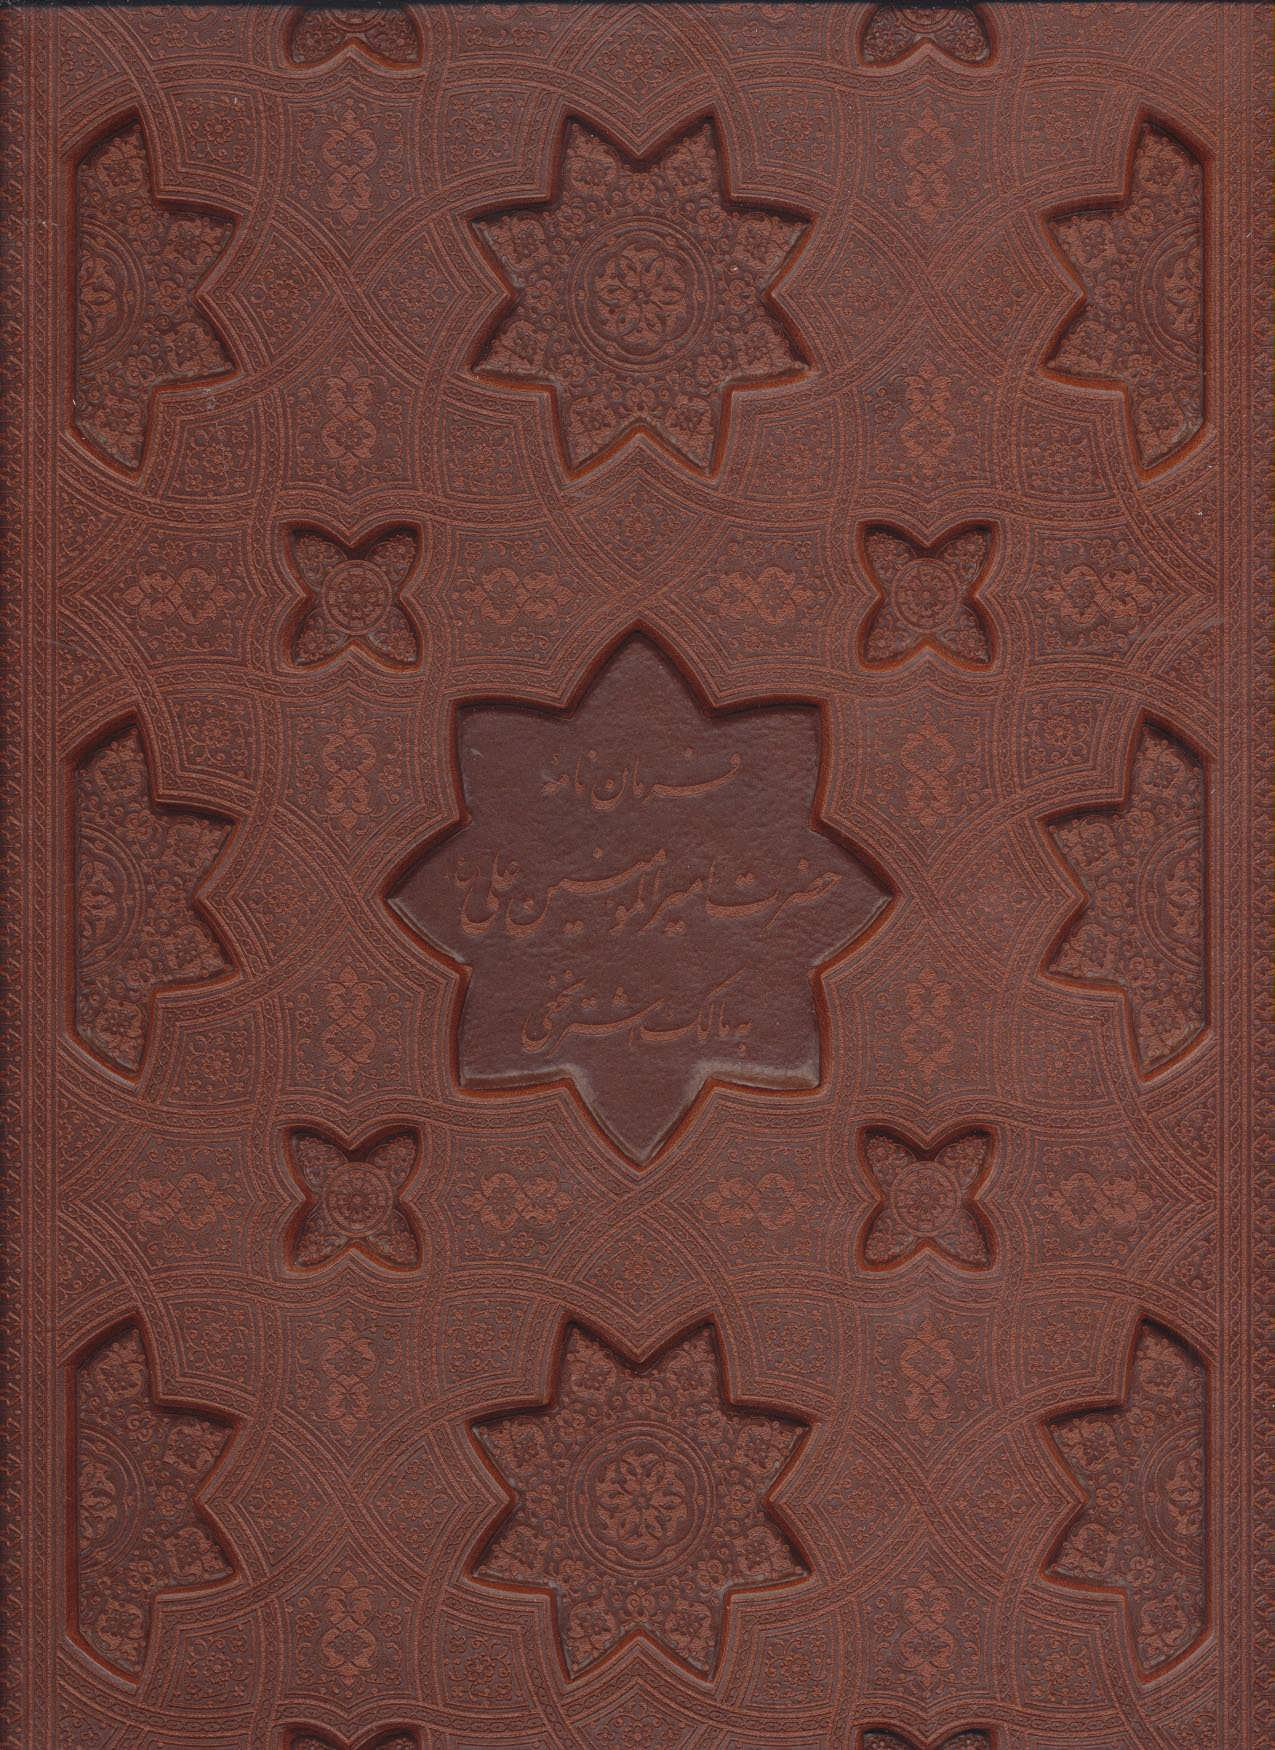 فرمان نامه حضرت امیرالمومنین علی (ع) به مالک اشتر نخعی (معطر،گلاسه،باجعبه،چرم،لب طلایی،لیزری)